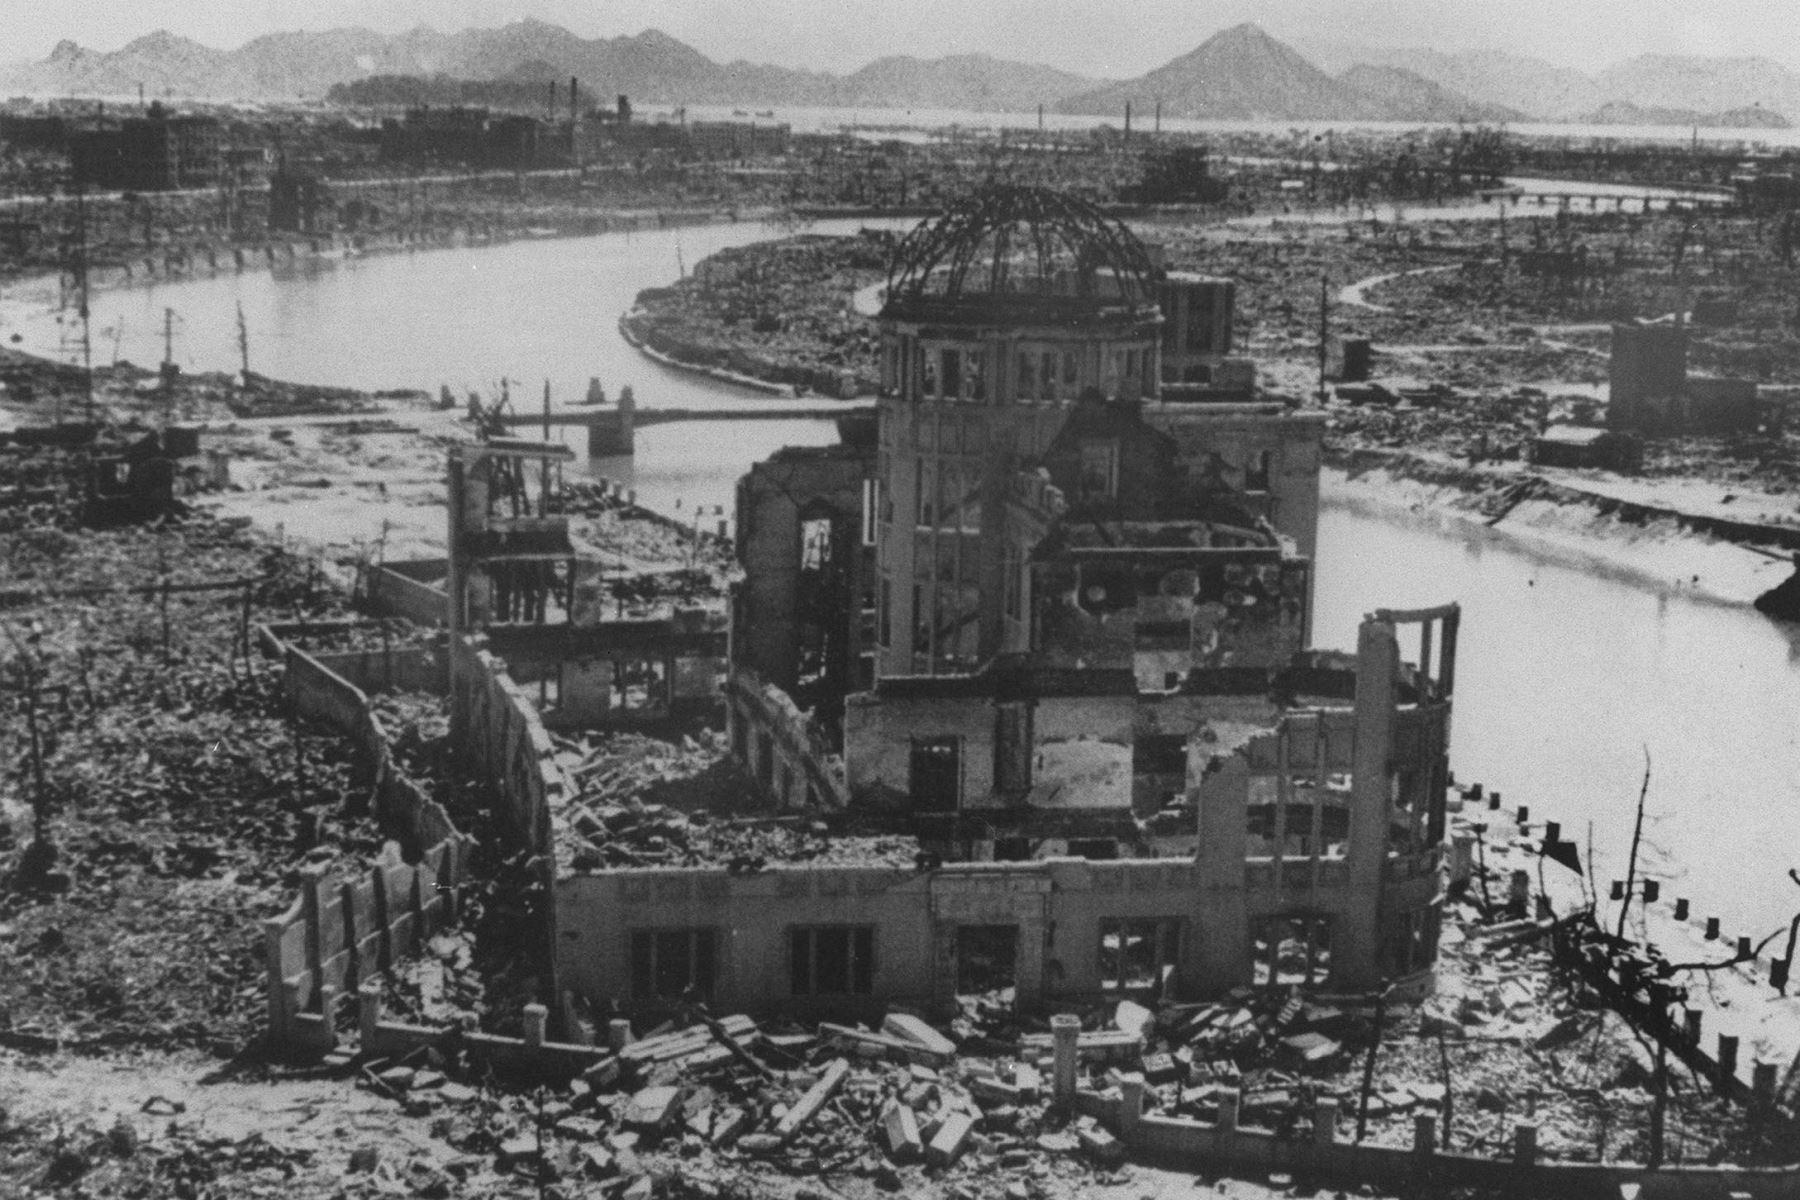 Una foto con fecha de septiembre de 1945 muestra los restos del Edificio de Promoción de la Industria de la Prefectura después del bombardeo de Hiroshima, que más tarde se conservó como monumento. La Segunda Guerra Mundial terminó oficialmente hace 75 años, el 02 de septiembre de 1945, cuando Japón se rindió a las fuerzas aliadas, derribando el telón del conflicto más costoso de la historia. AFP